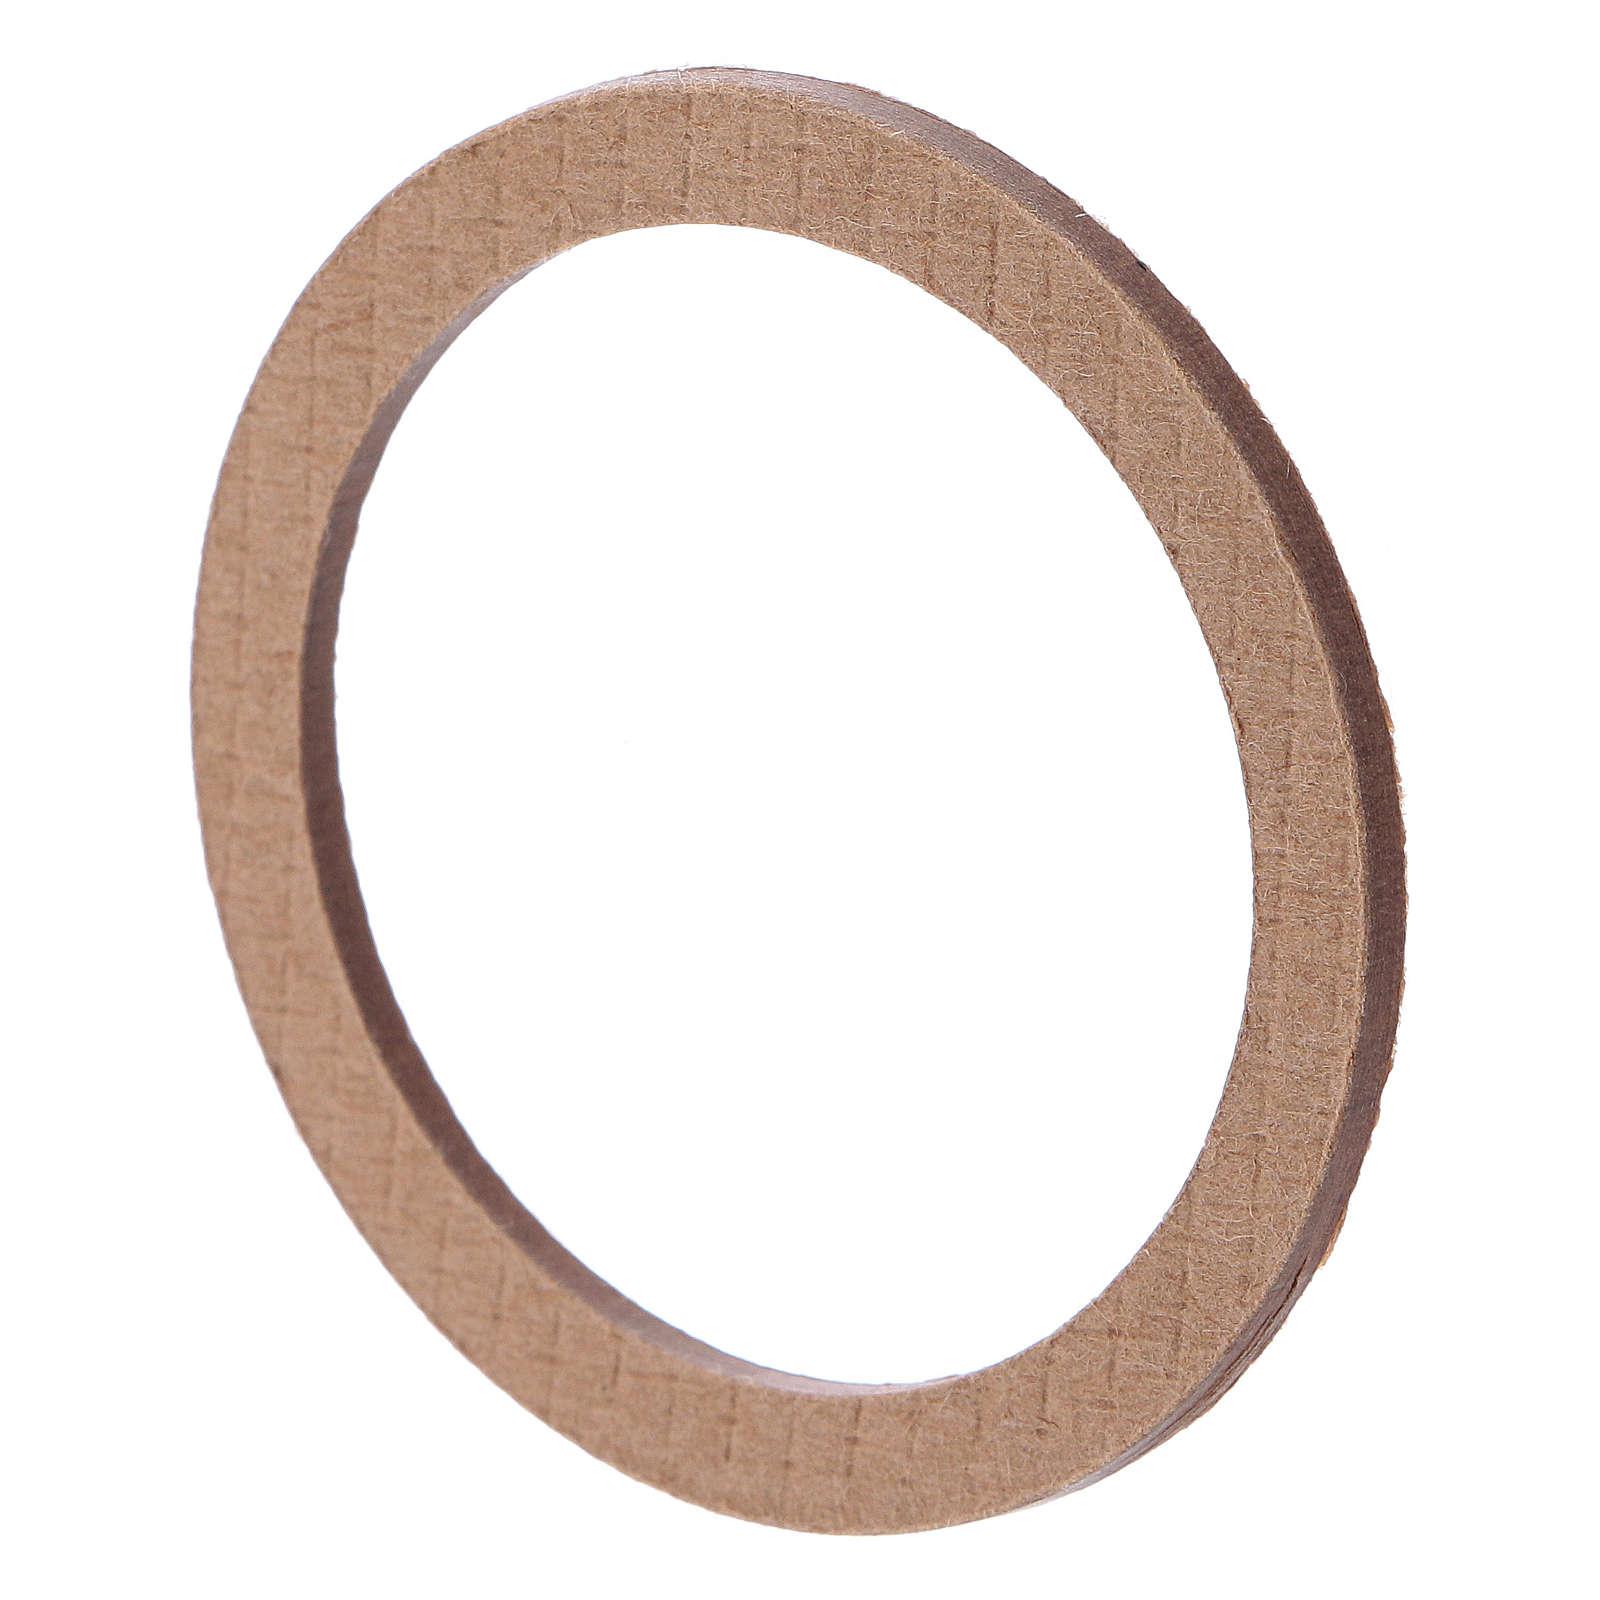 Joint isolant diam. 5 cm pour PC004006-PC004008 3